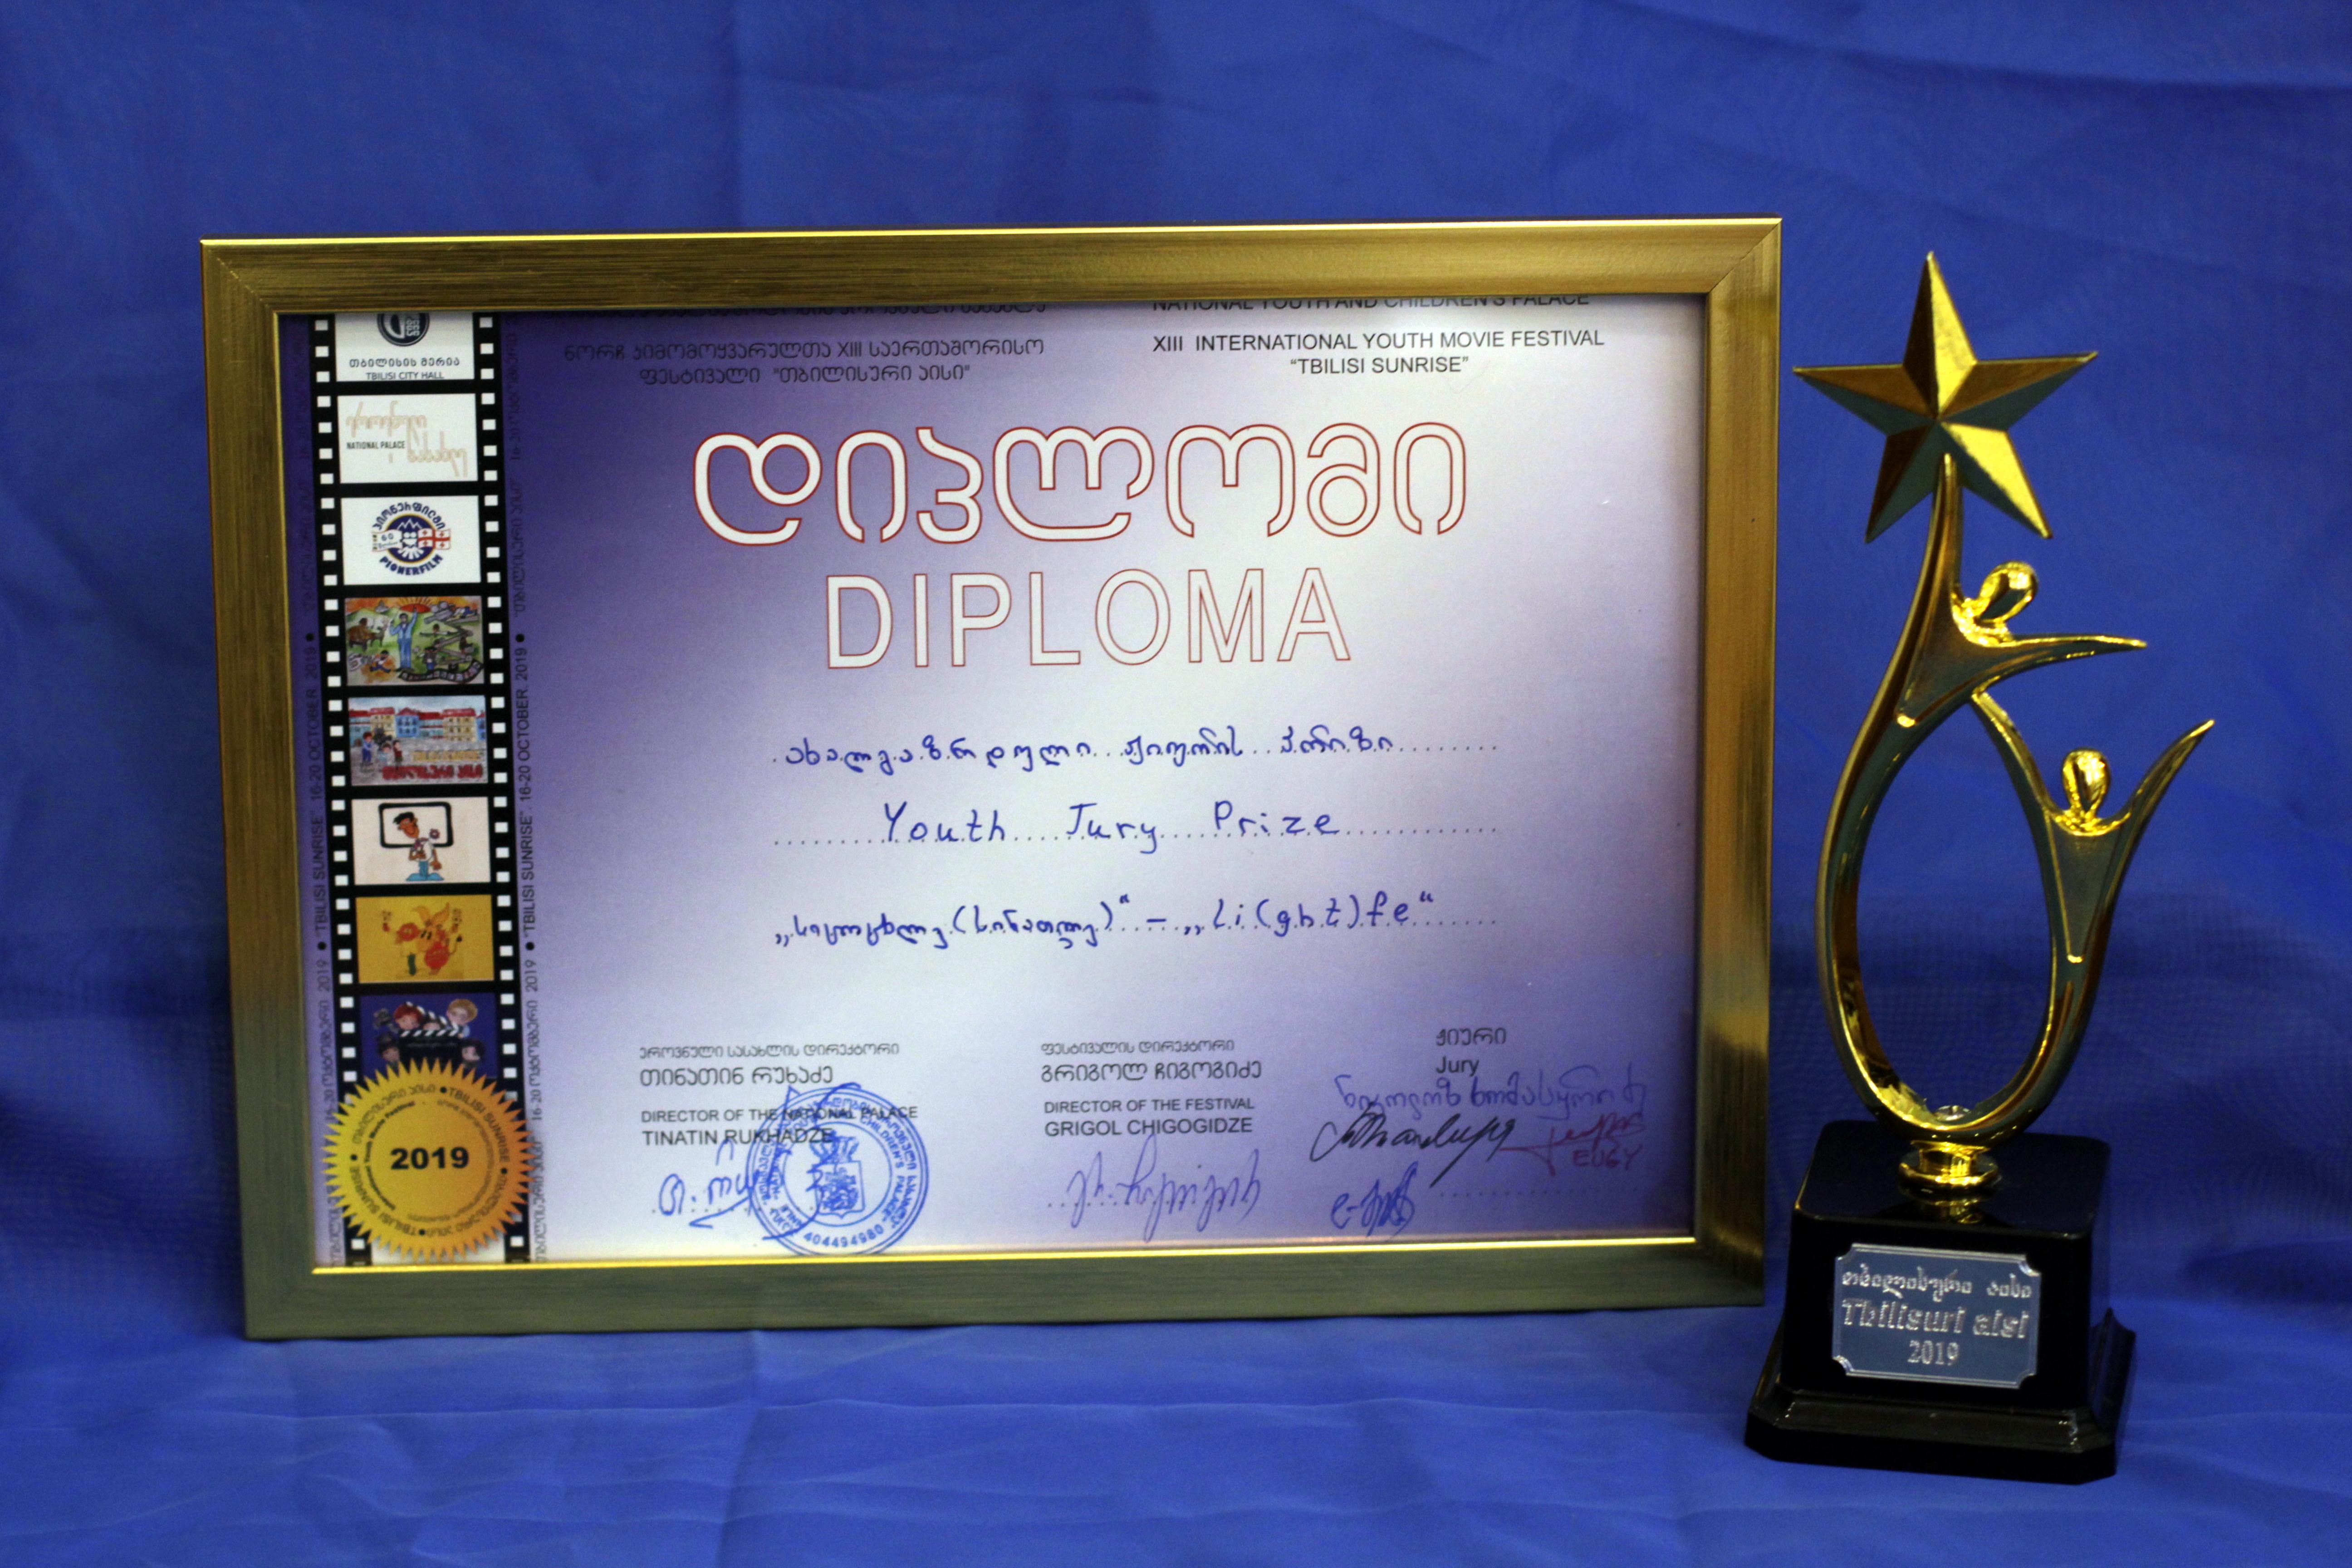 Школярі з Дніпропетровщини отримали дві нагороди на міжнародному кінофестивалі